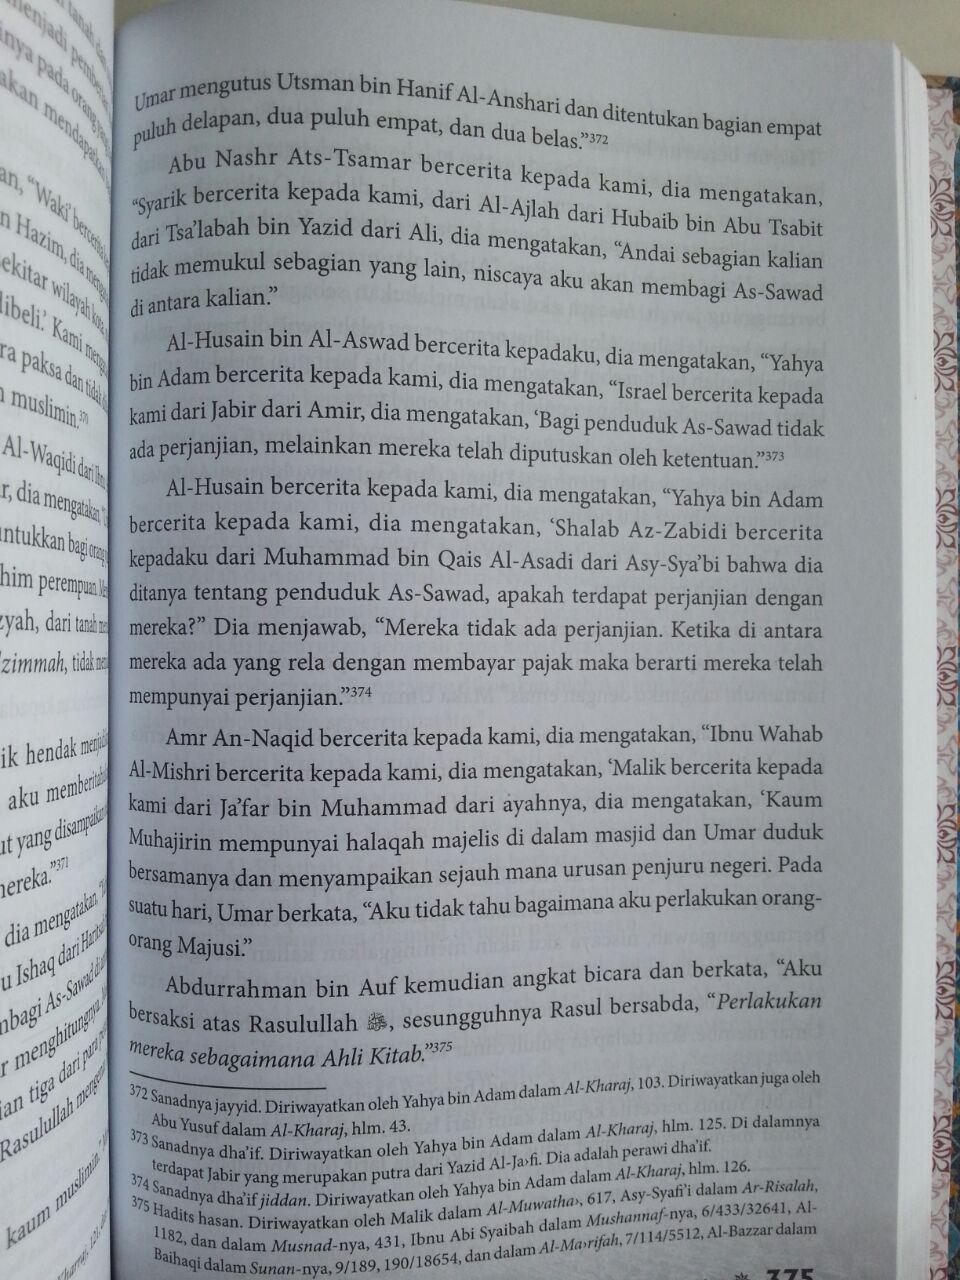 Buku Futuhul Buldan Penaklukkan Negeri Dari Makkah Sampai Sind isi 3